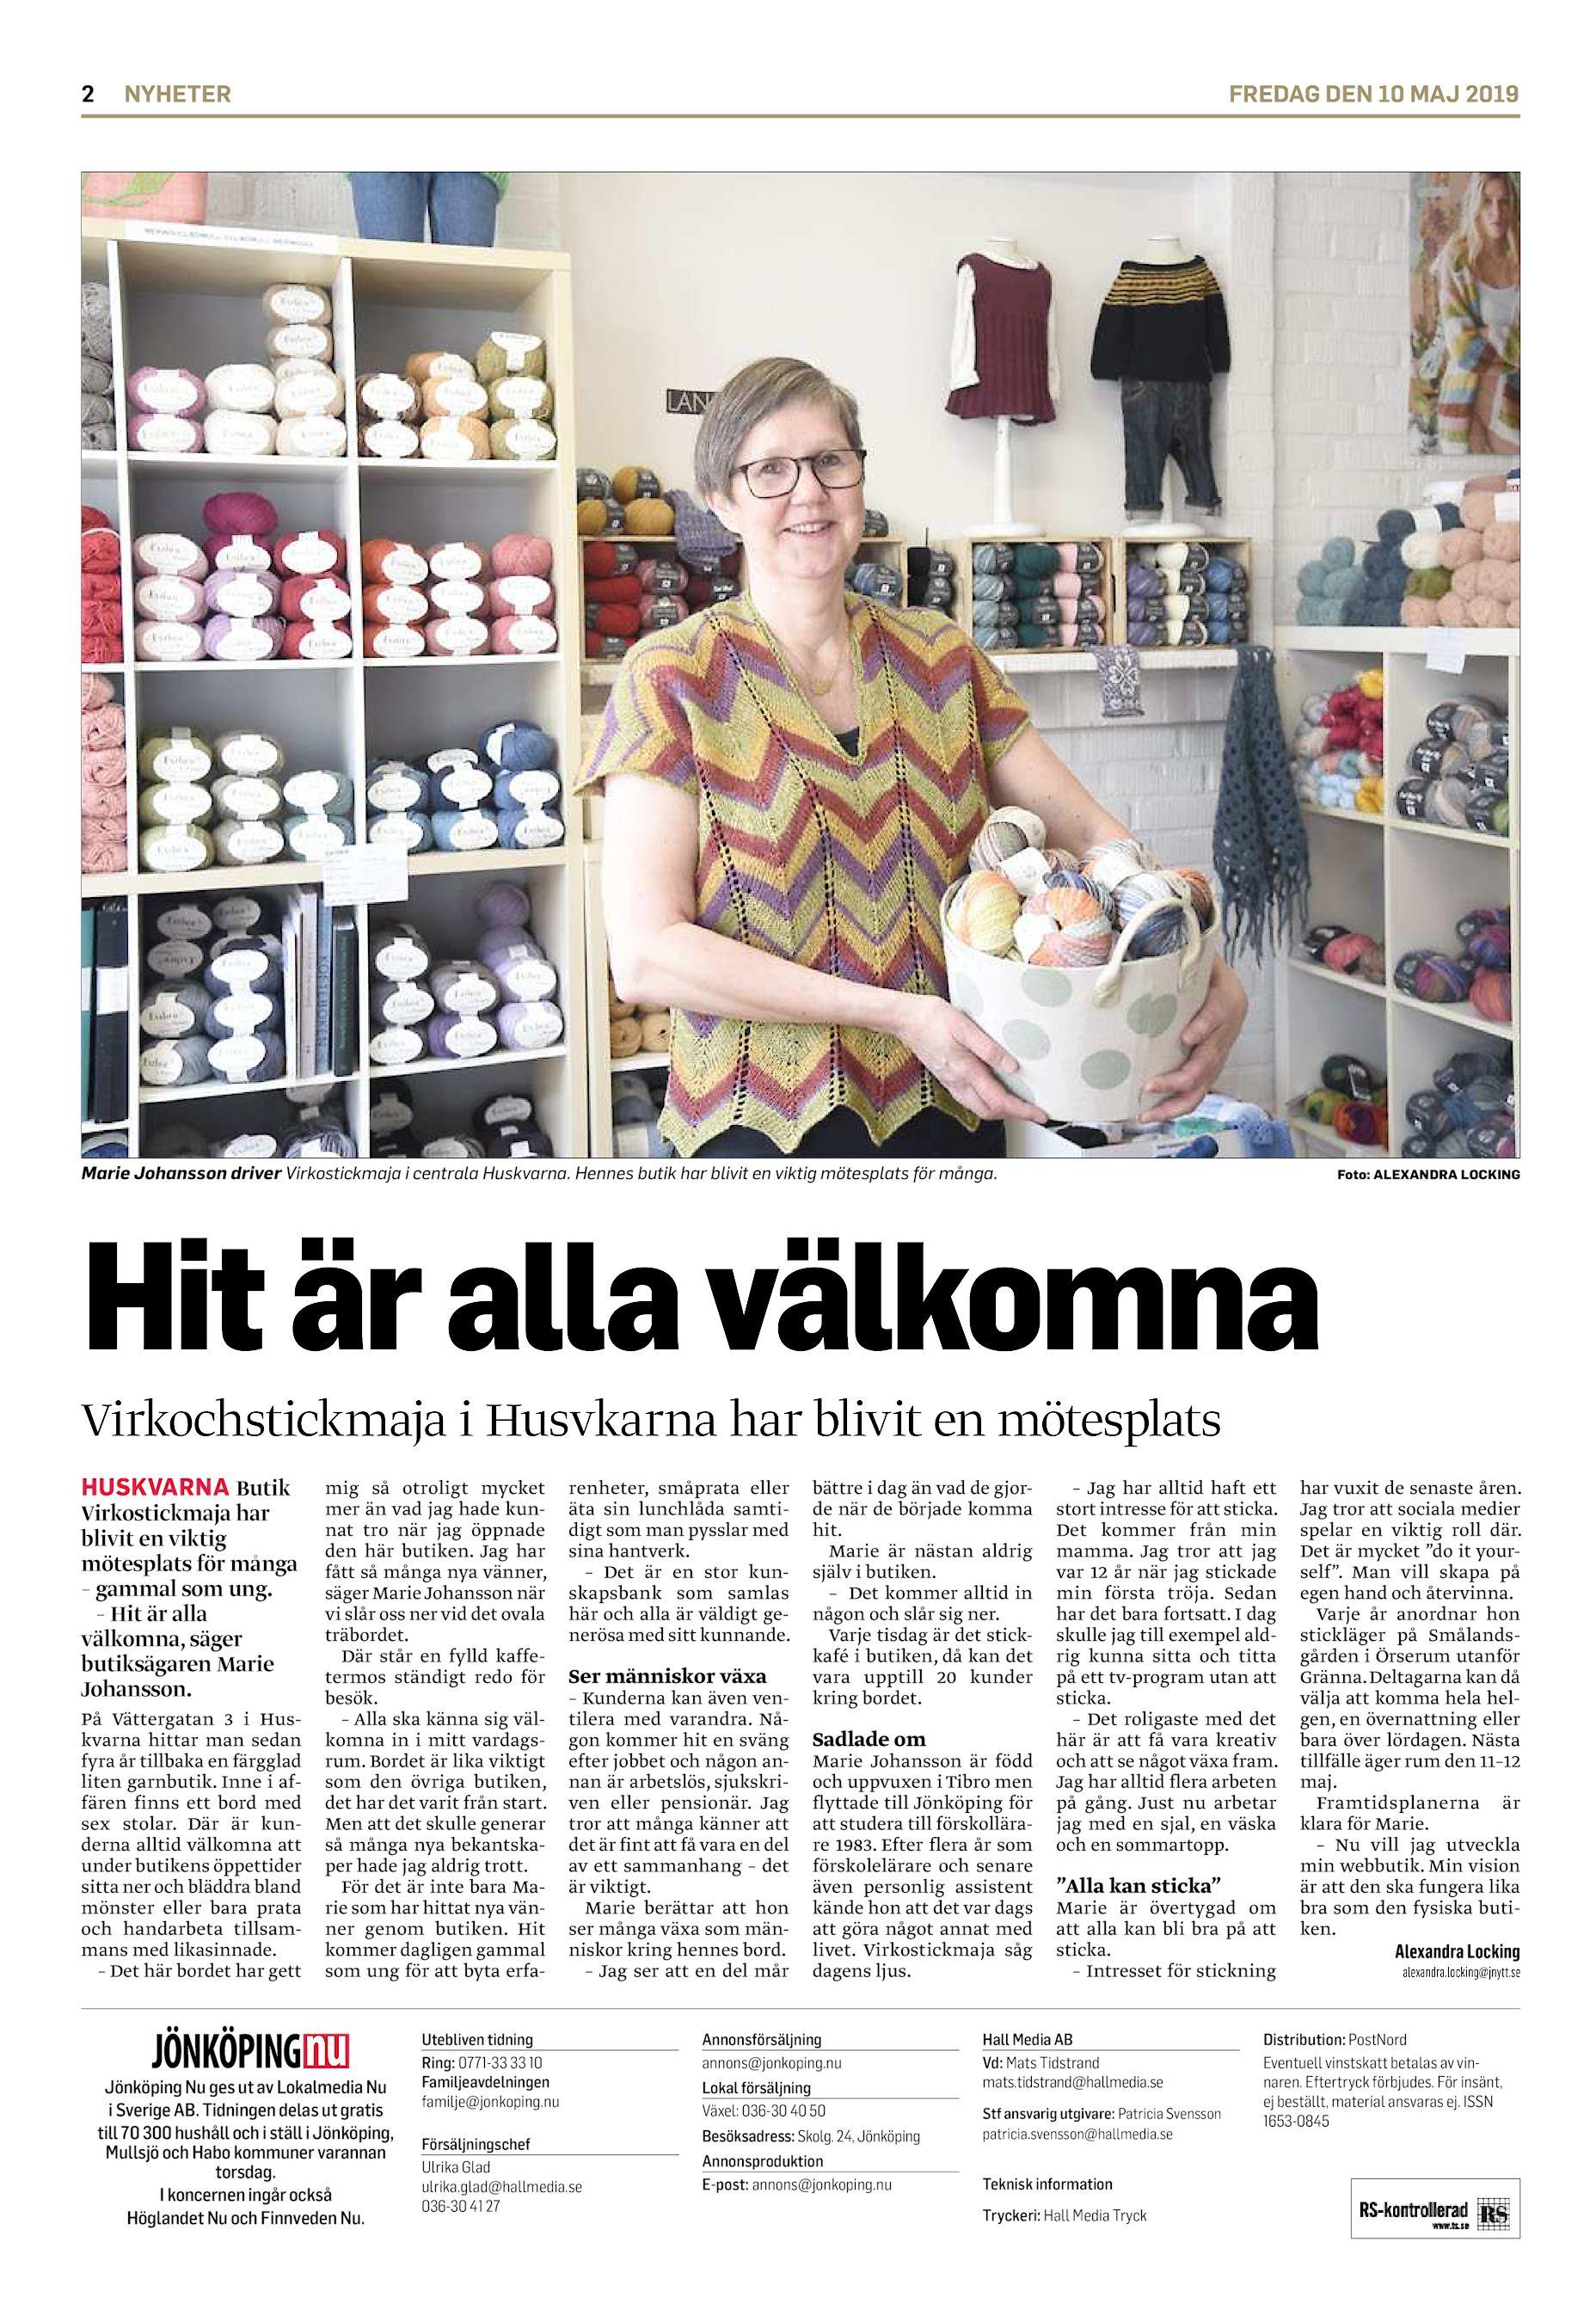 2ef7bf5a8db 2 NYHETER FREDAG DEN 10 MAJ 2019 Marie Johansson driver Virkostickmaja i  centrala Huskvarna. Hennes butik har blivit en viktig mötesplats för många.